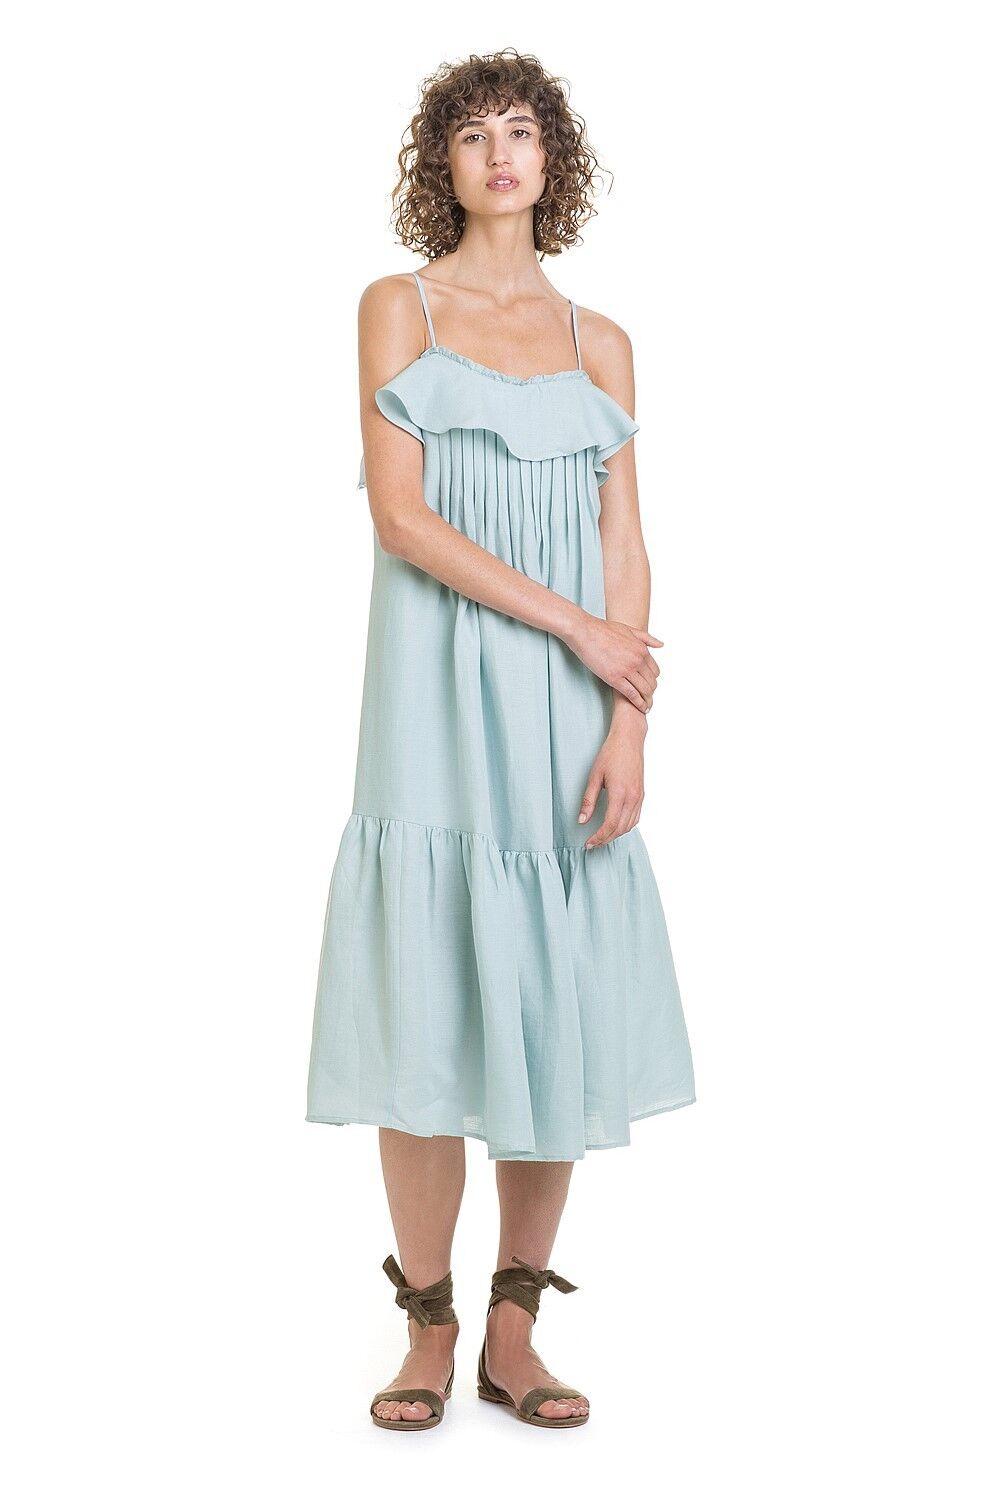 NWT  COUNTRY ROAD Frill Pintuck Linen Cotton Sun DRESS Mint  8 10 12 14 16